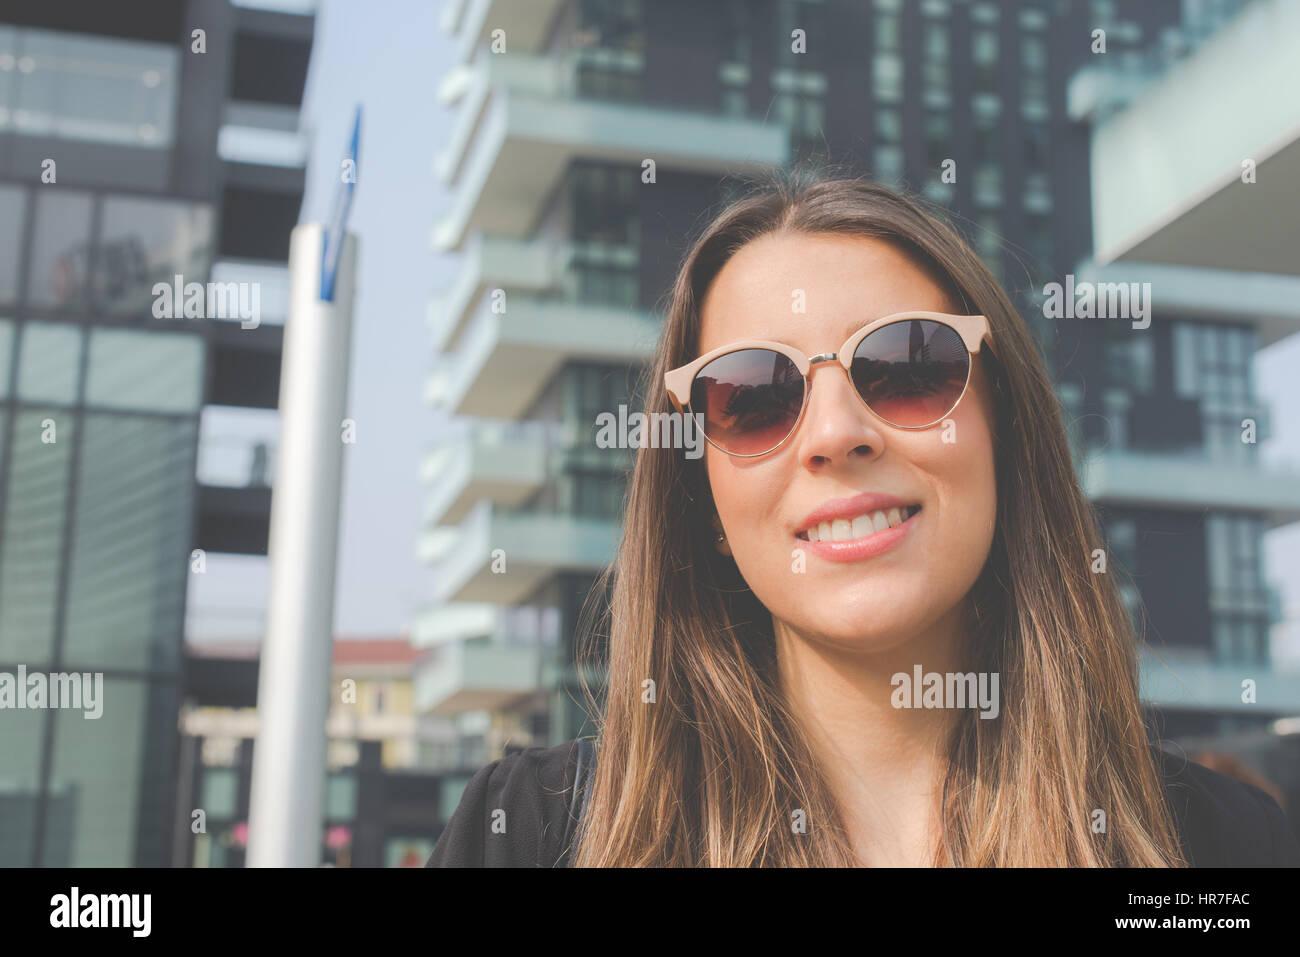 Autentico giovane donna d'affari in città per un mio viaggio di lavoro Immagini Stock